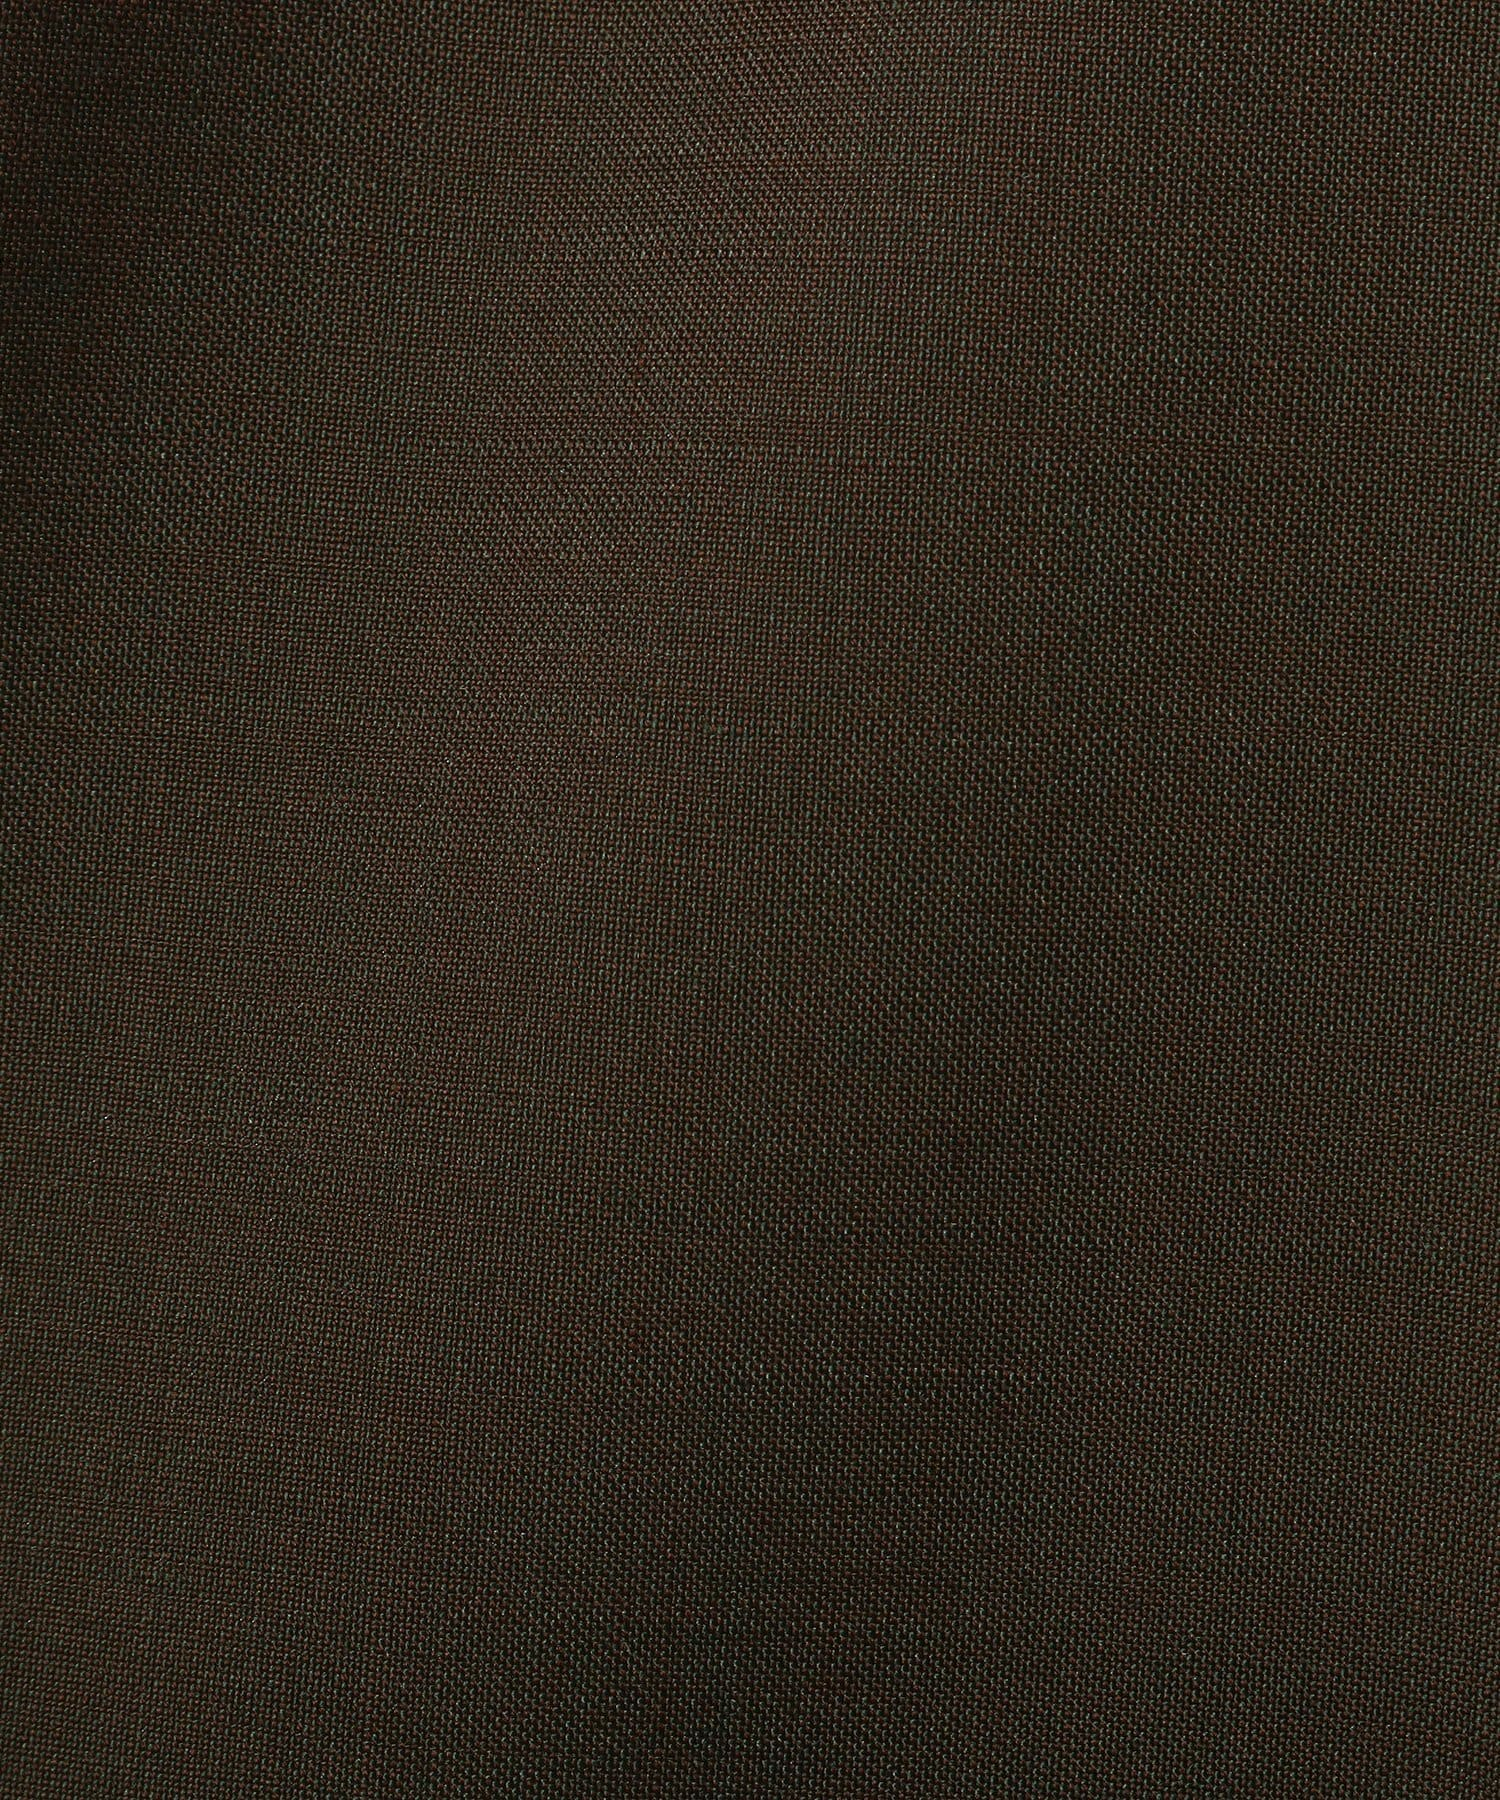 GALLARDAGALANTE(ガリャルダガランテ) 【CASA】葛利変形パンツ